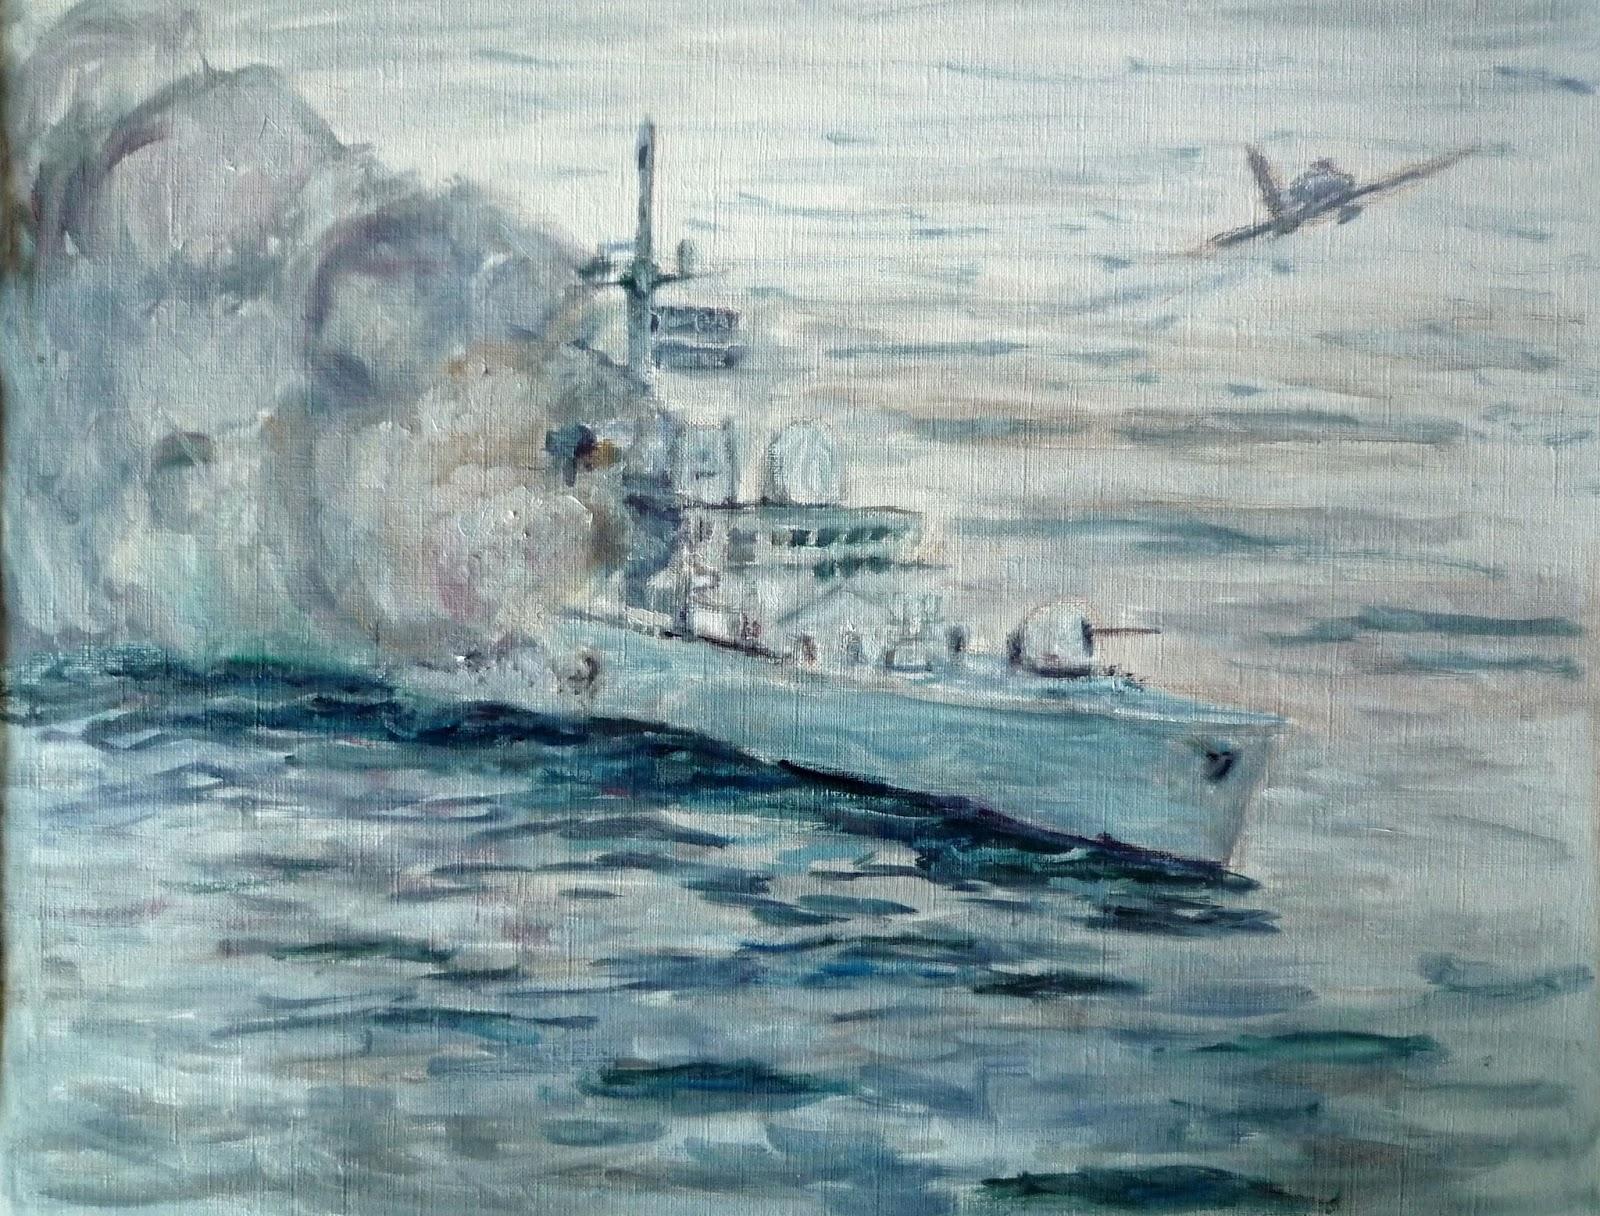 Oleo de un barco ingles tocado por un skyhawk Argentino